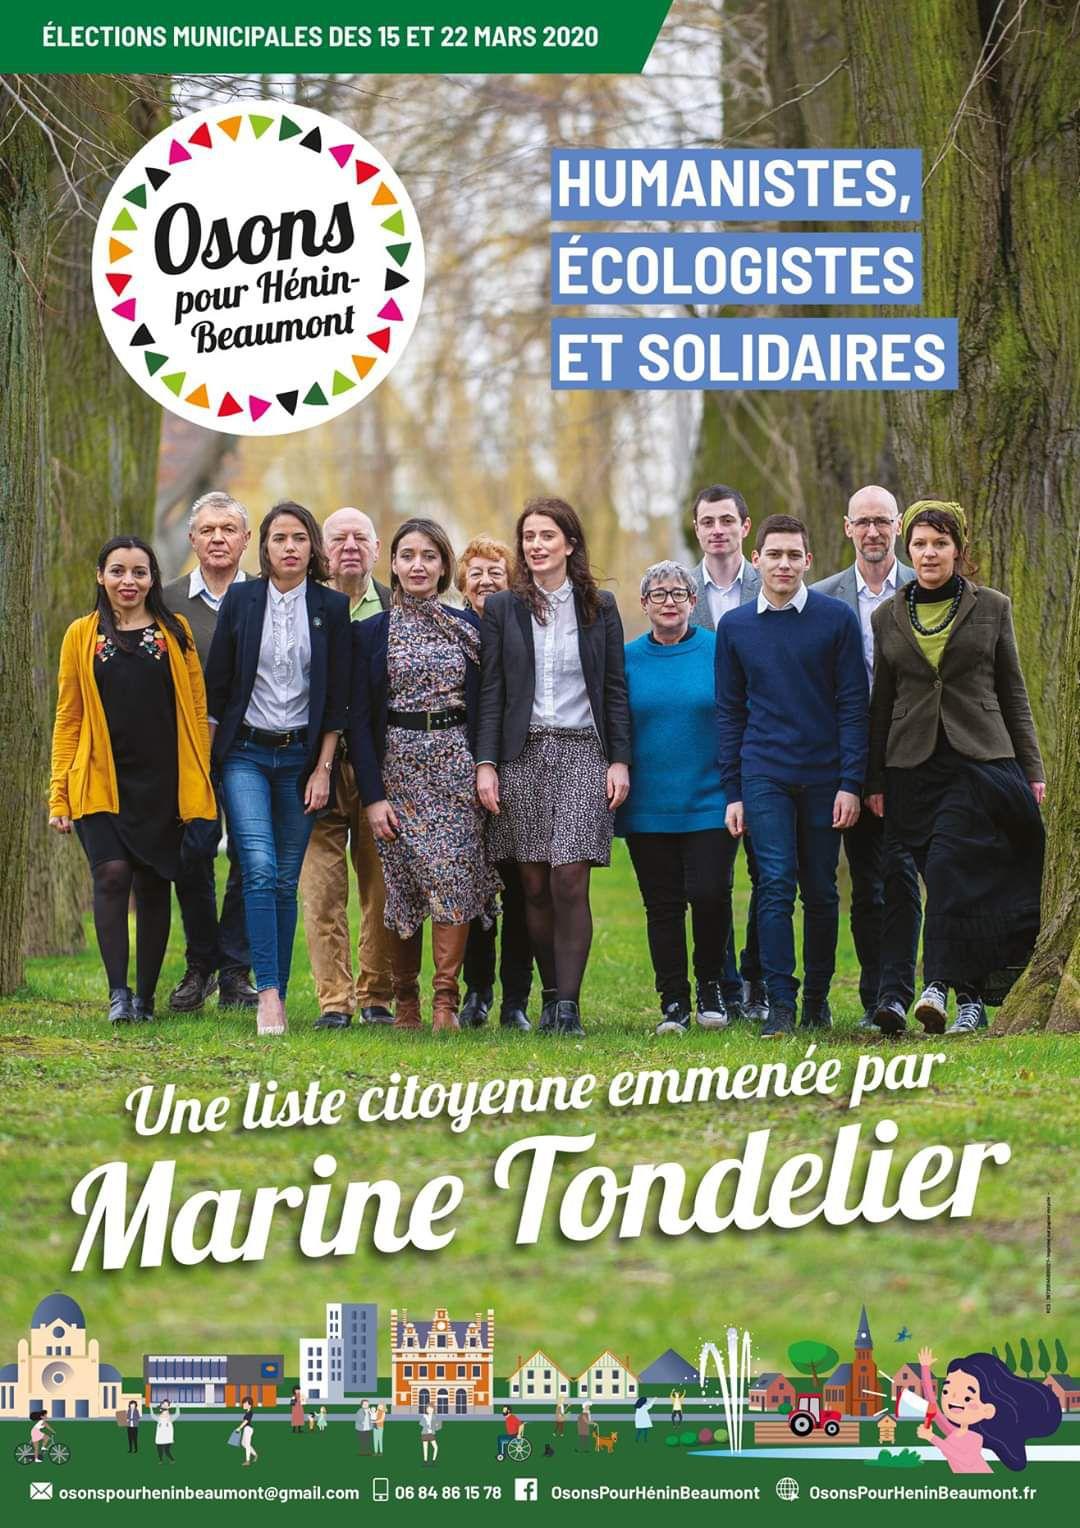 Elections municipales 2020 : l'affiche officielle d'Osons pour Hénin-Beaumont